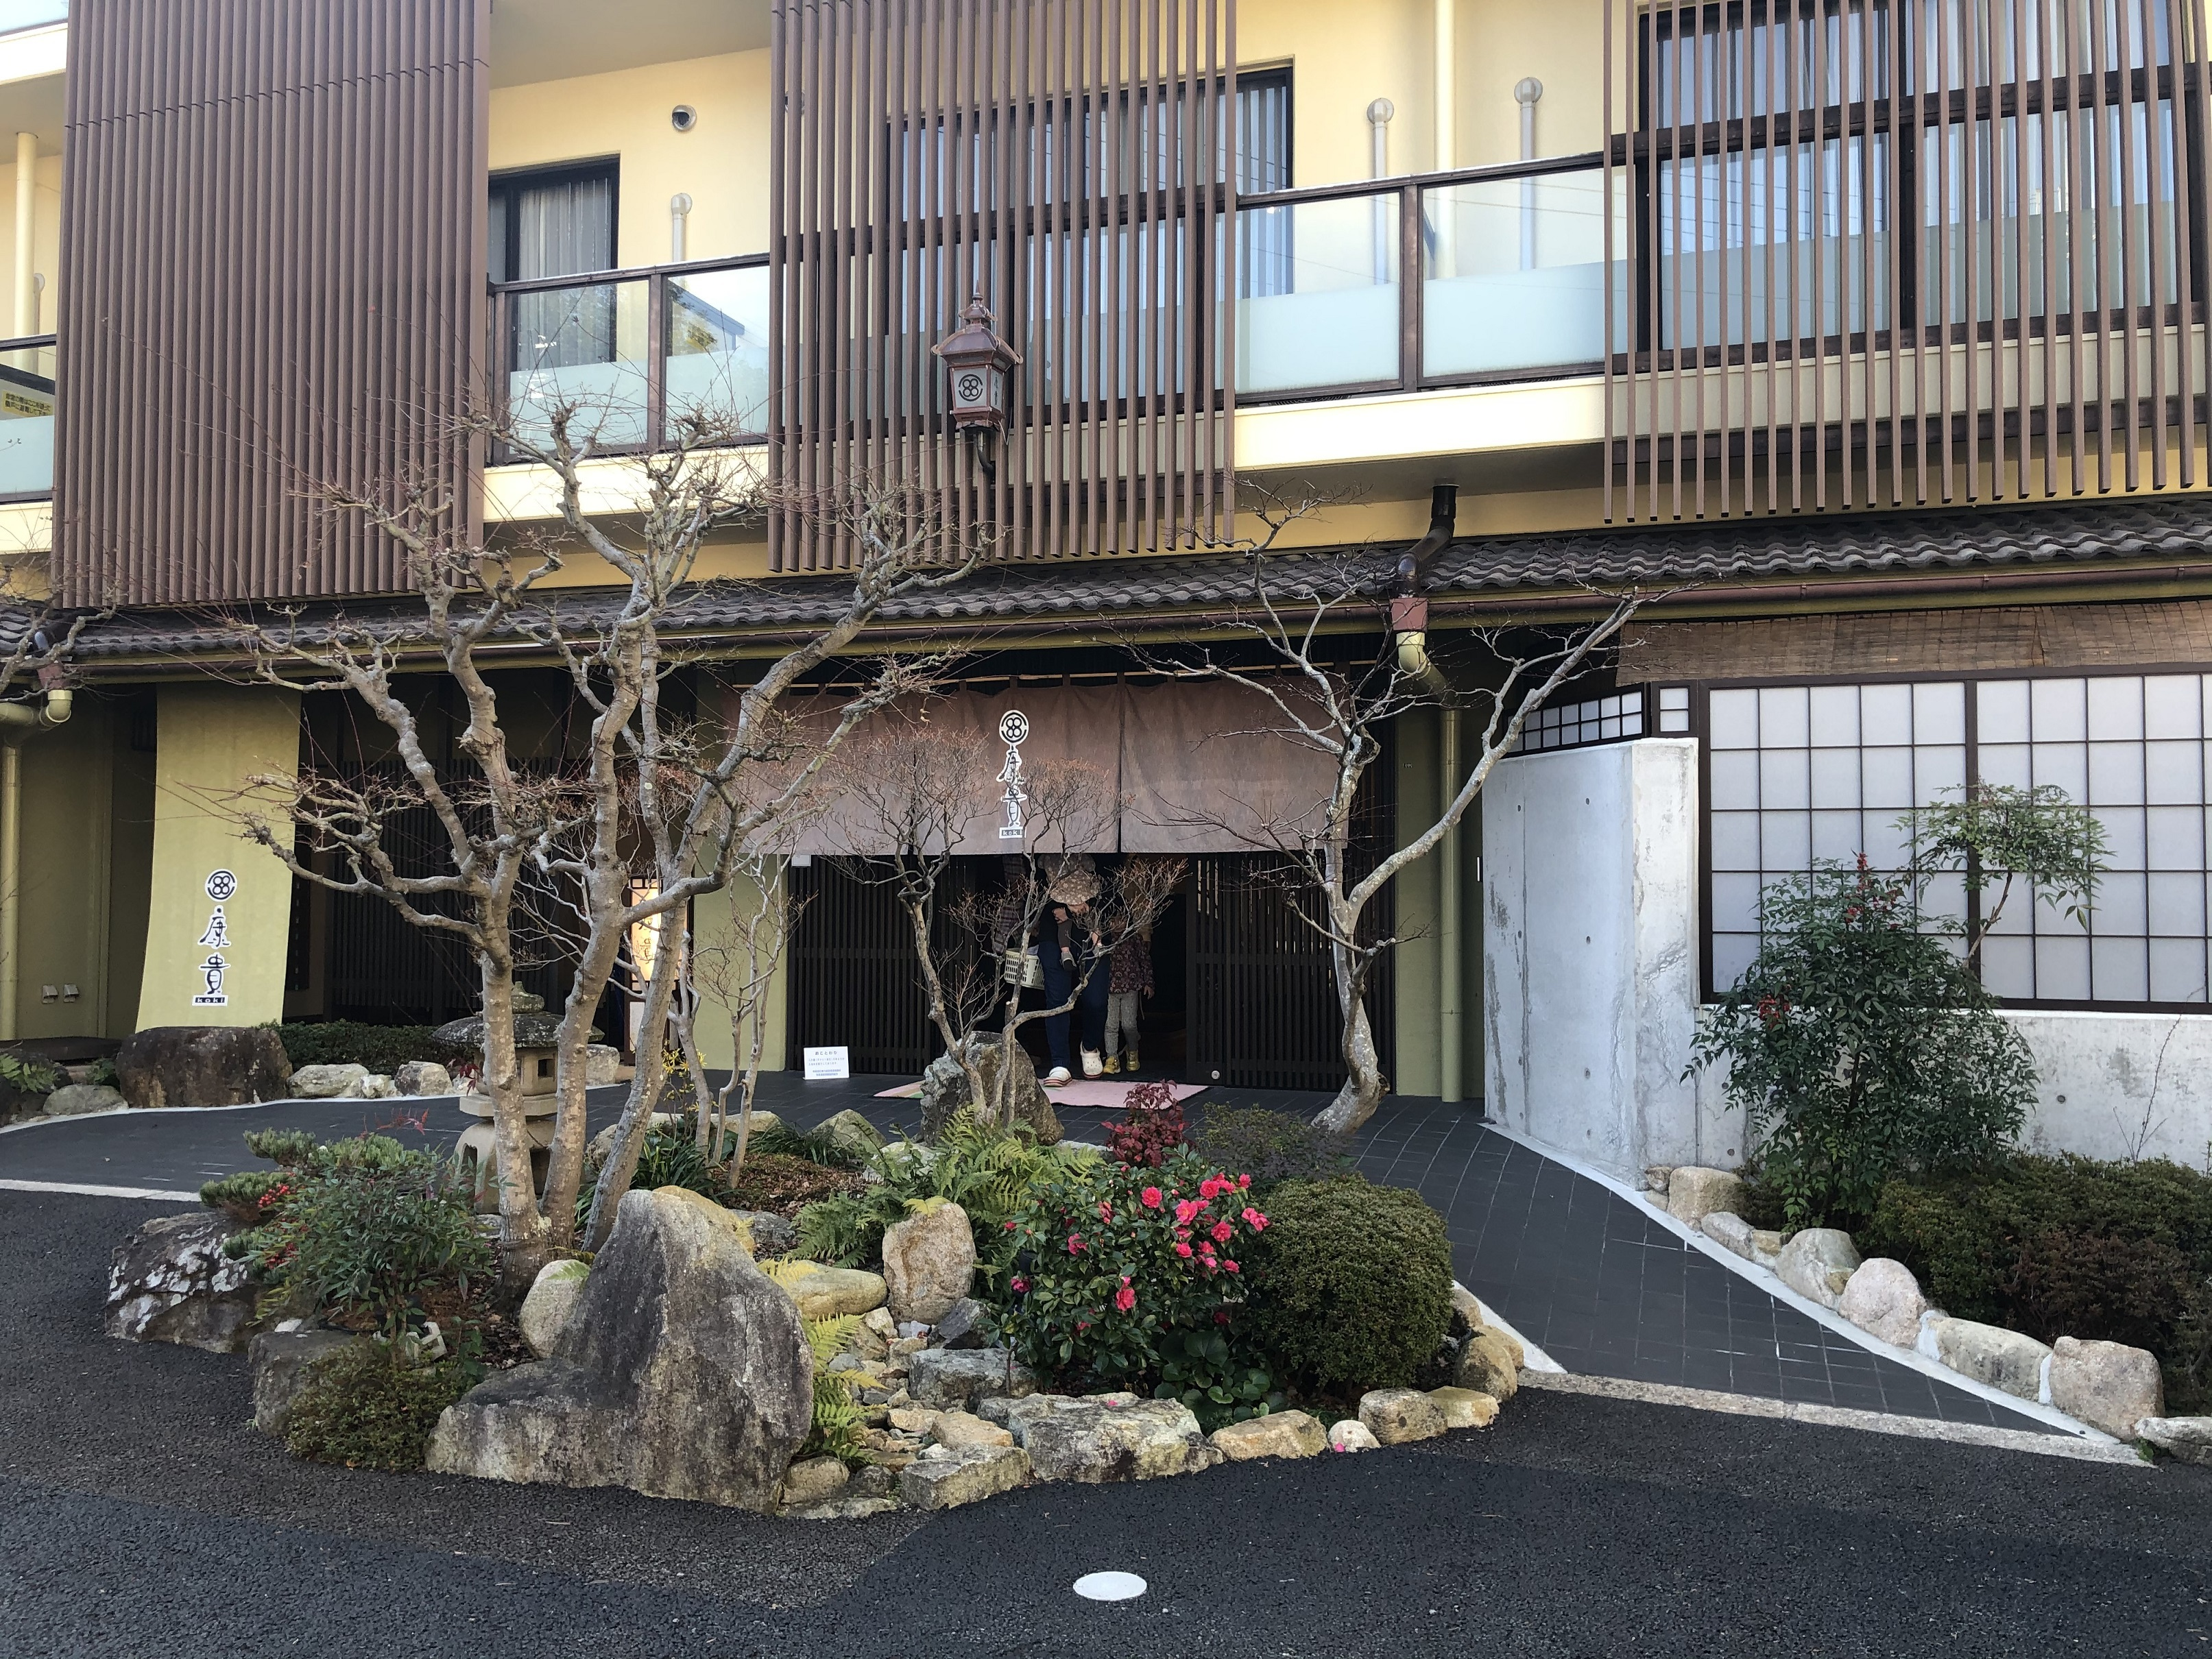 harleydavidson-motorcycle-touring-blog-arima-onsen-hotsprings-koki.jpg